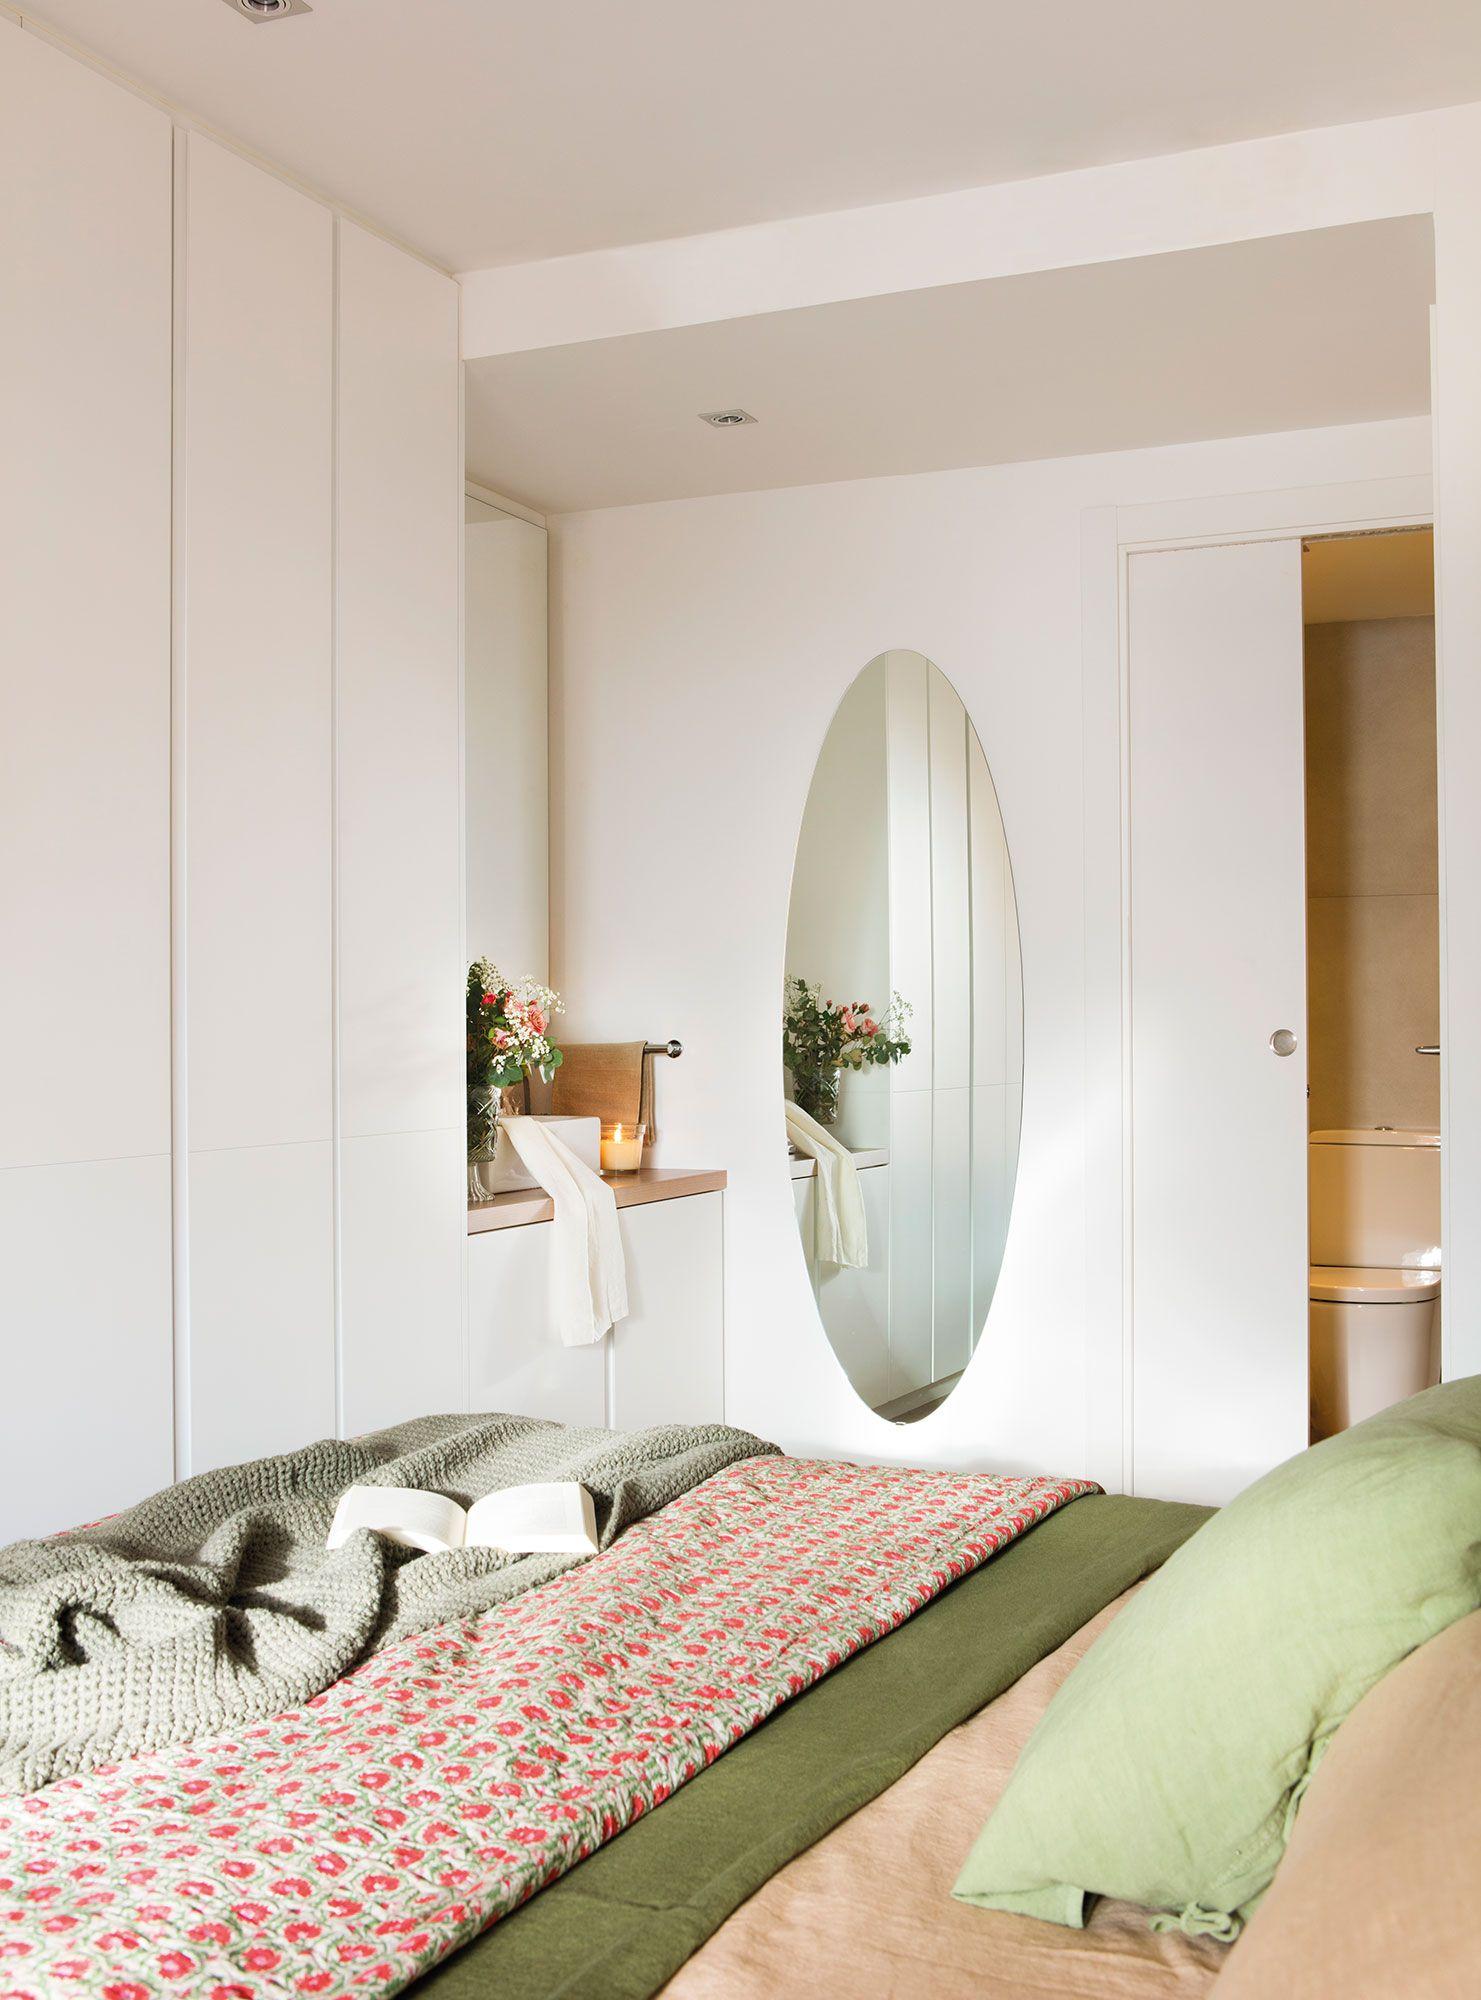 A Medida Armarios De Dormitorio Dormitorios Dormitorio Matrimonio Pequeño